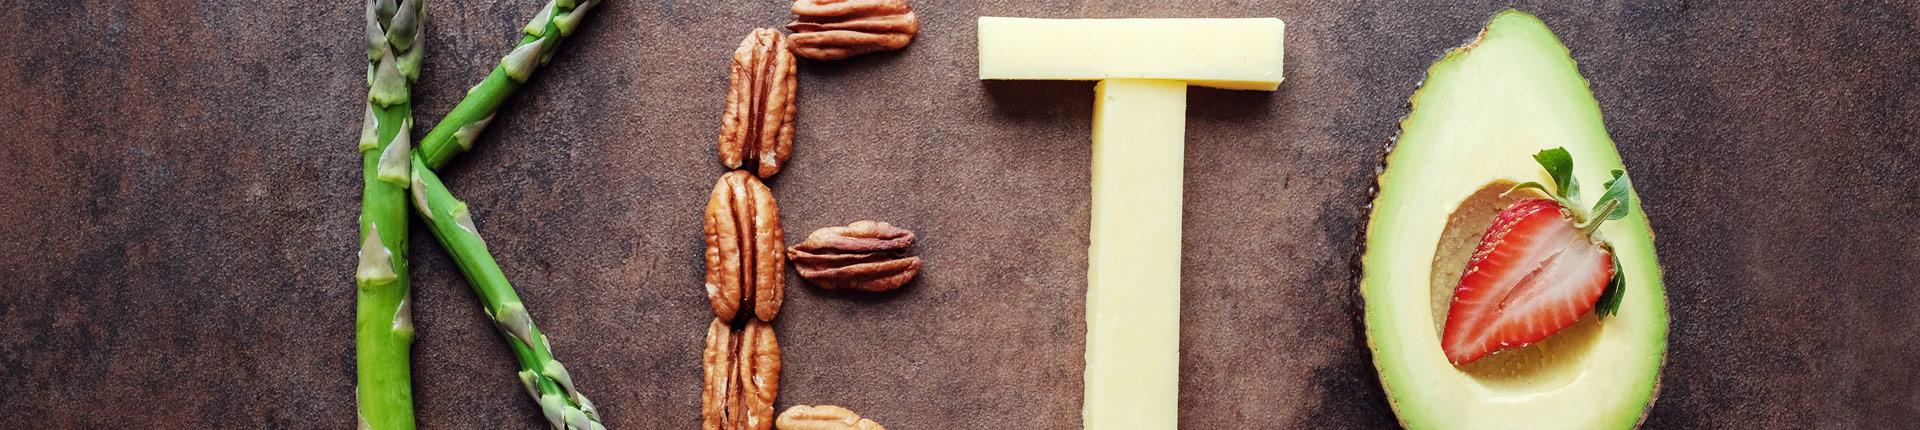 Zaczynasz dietę ketogeniczną - oto 5 najczęstszych błędów!